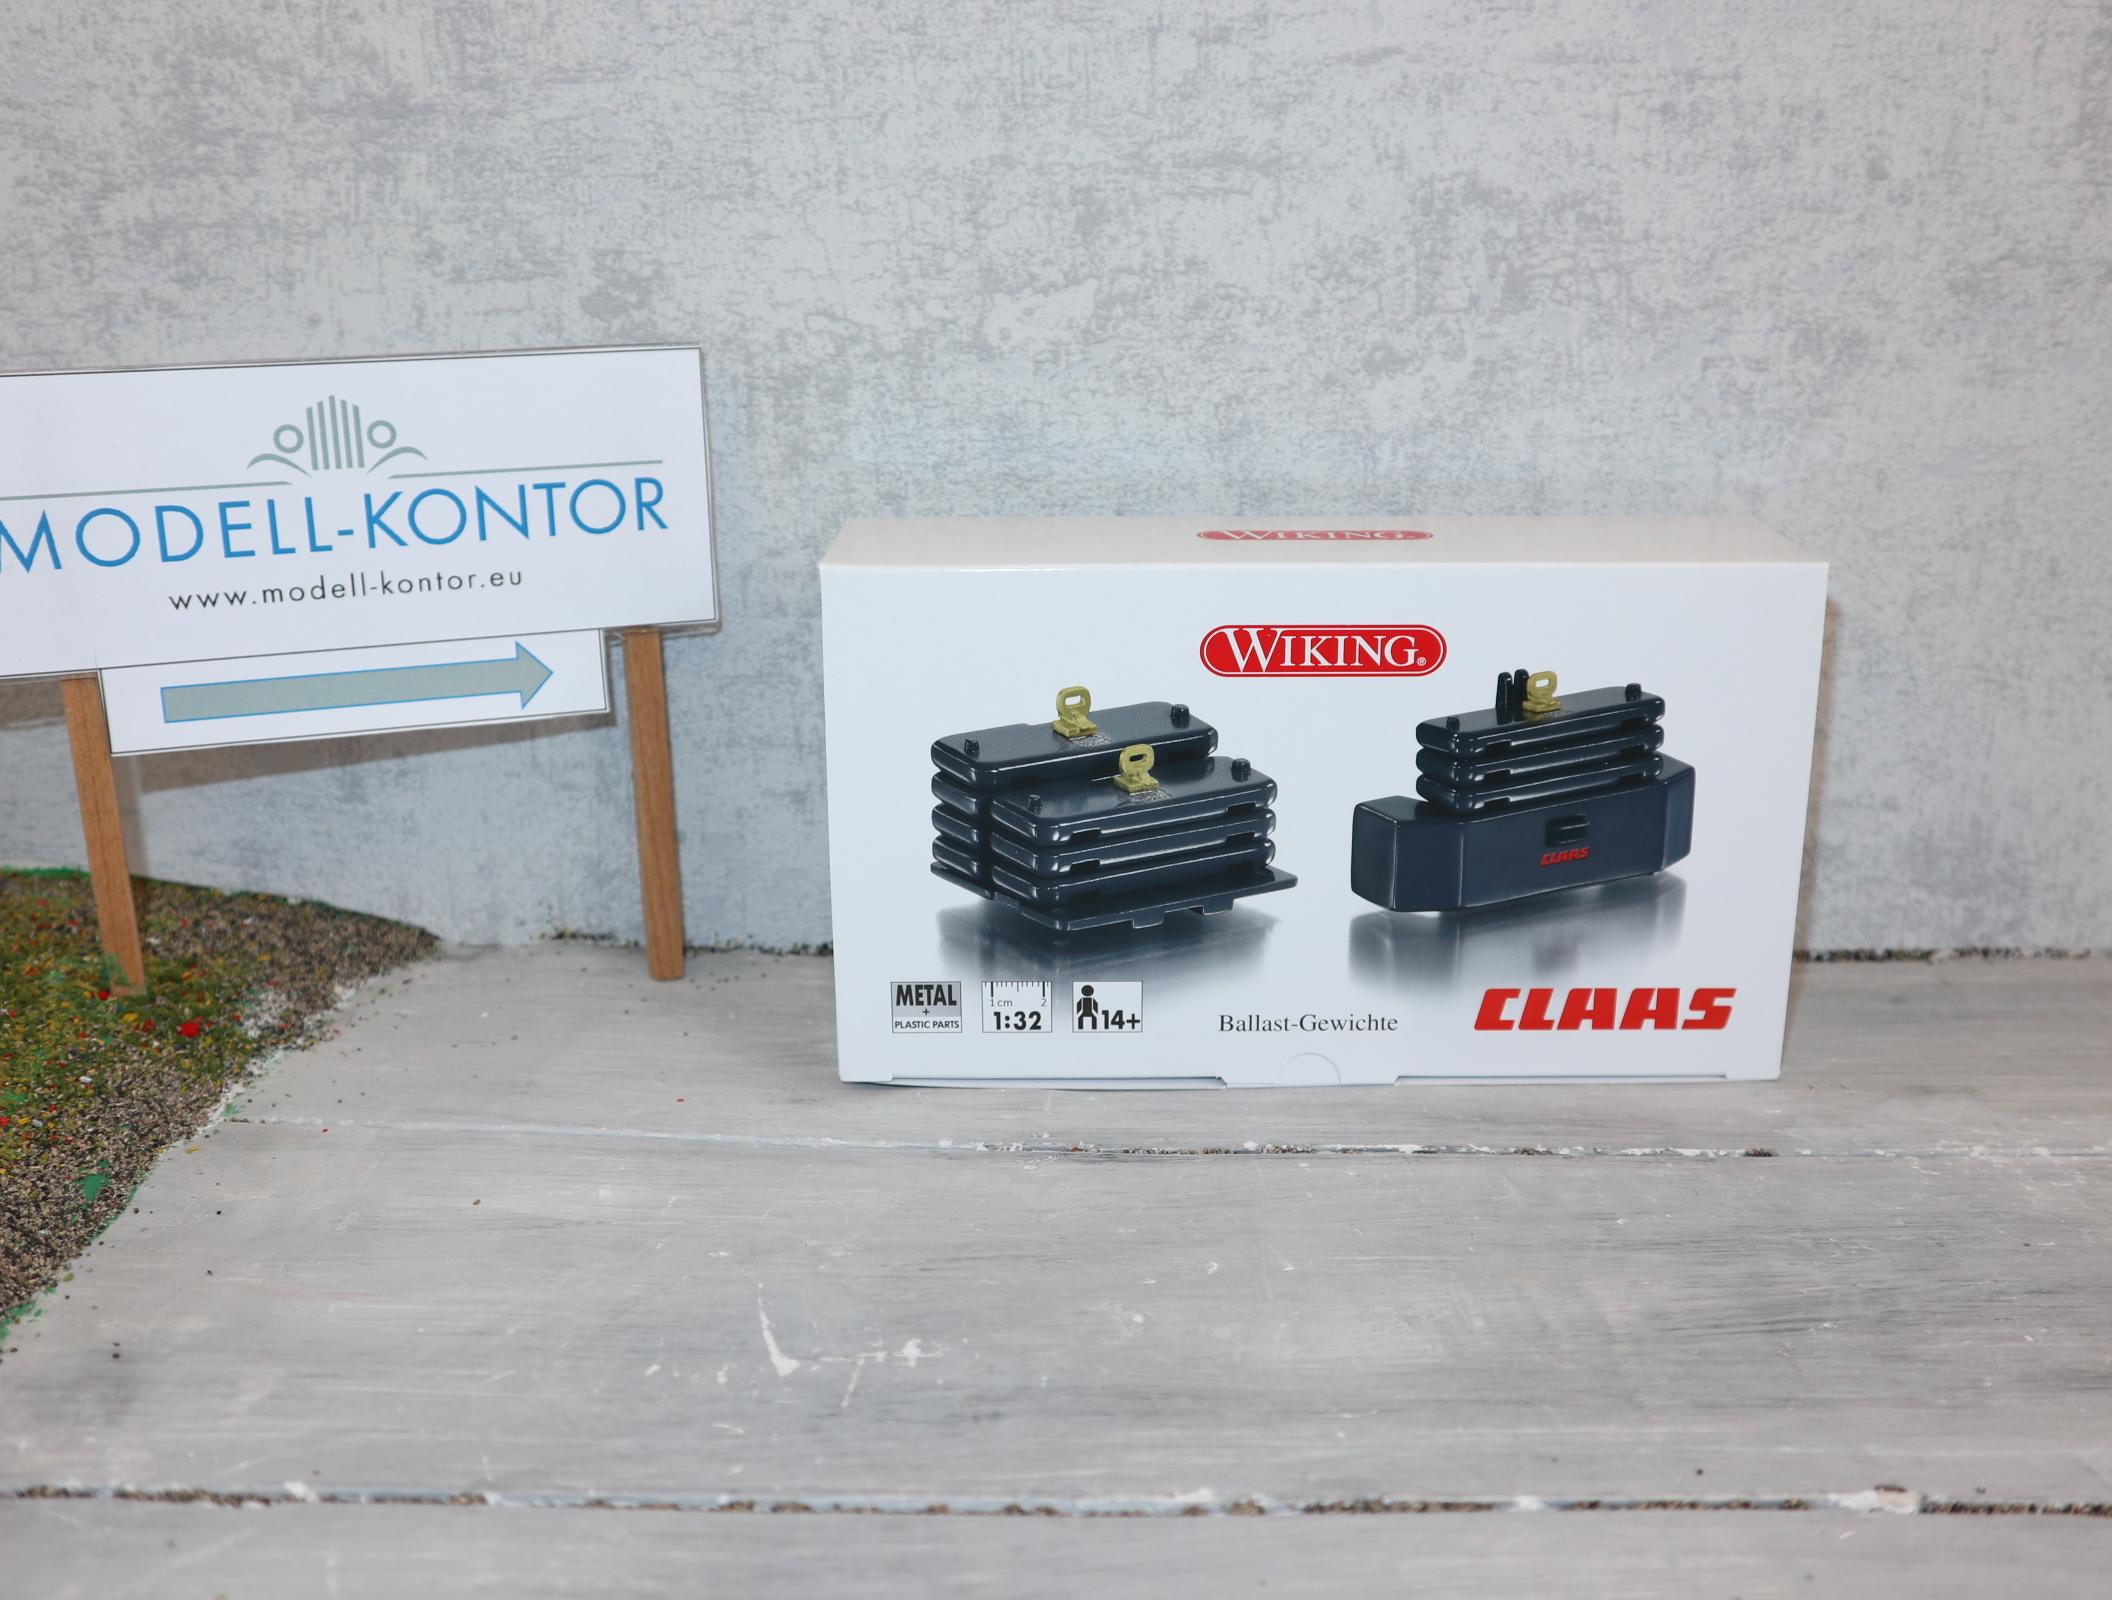 WIKING 077855 in 1:32 Ballast-Gewicht für Claas Xerion 4500